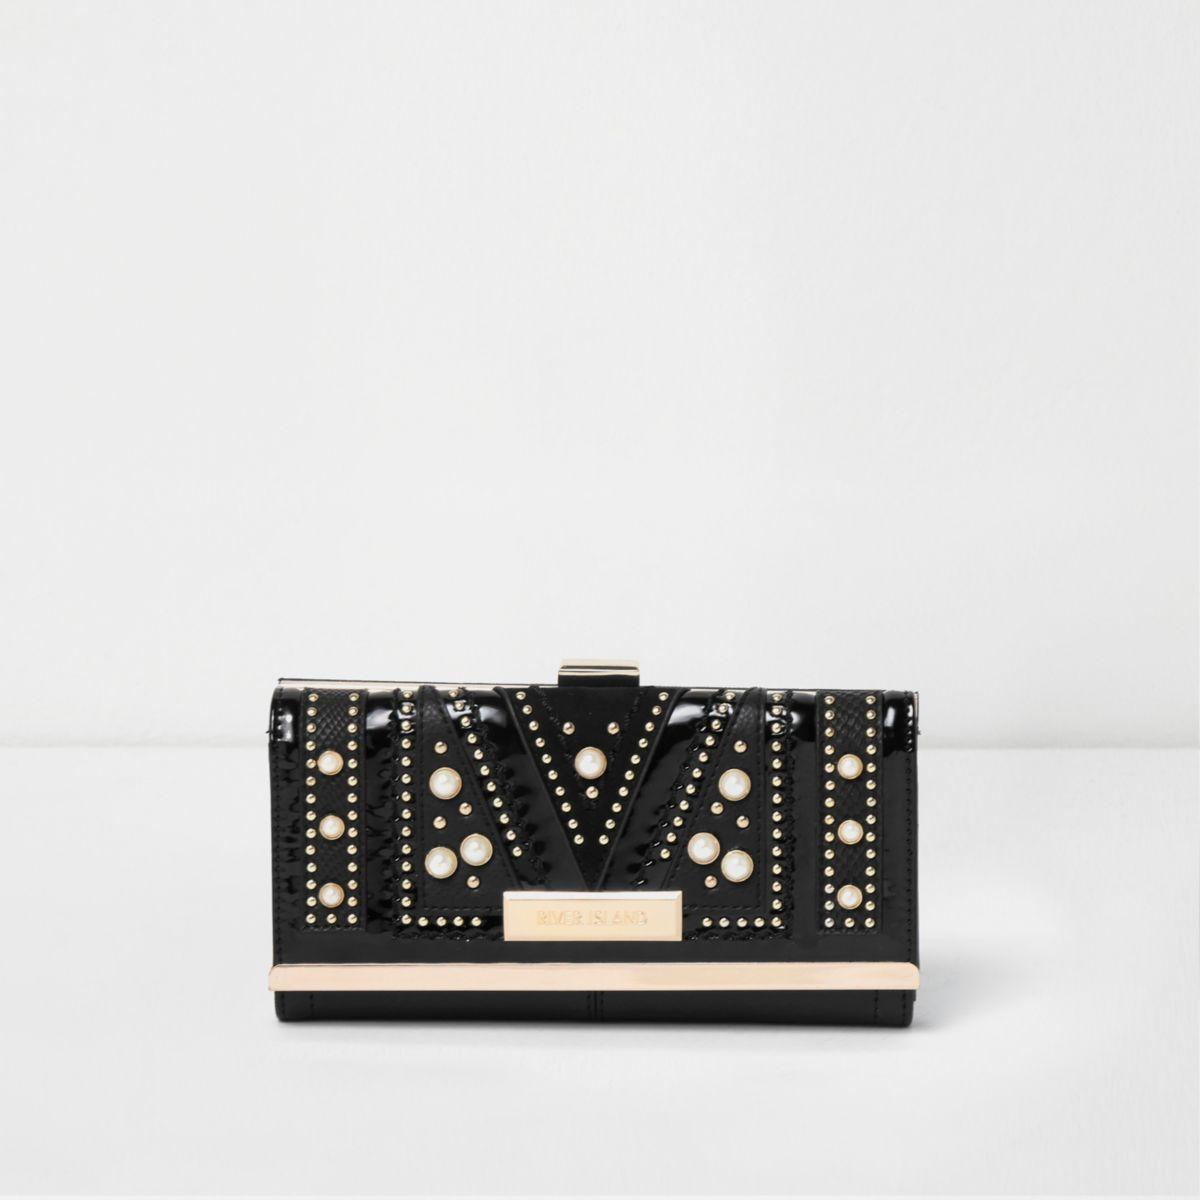 Zwarte portemonnee, versierd met nepparels en studs